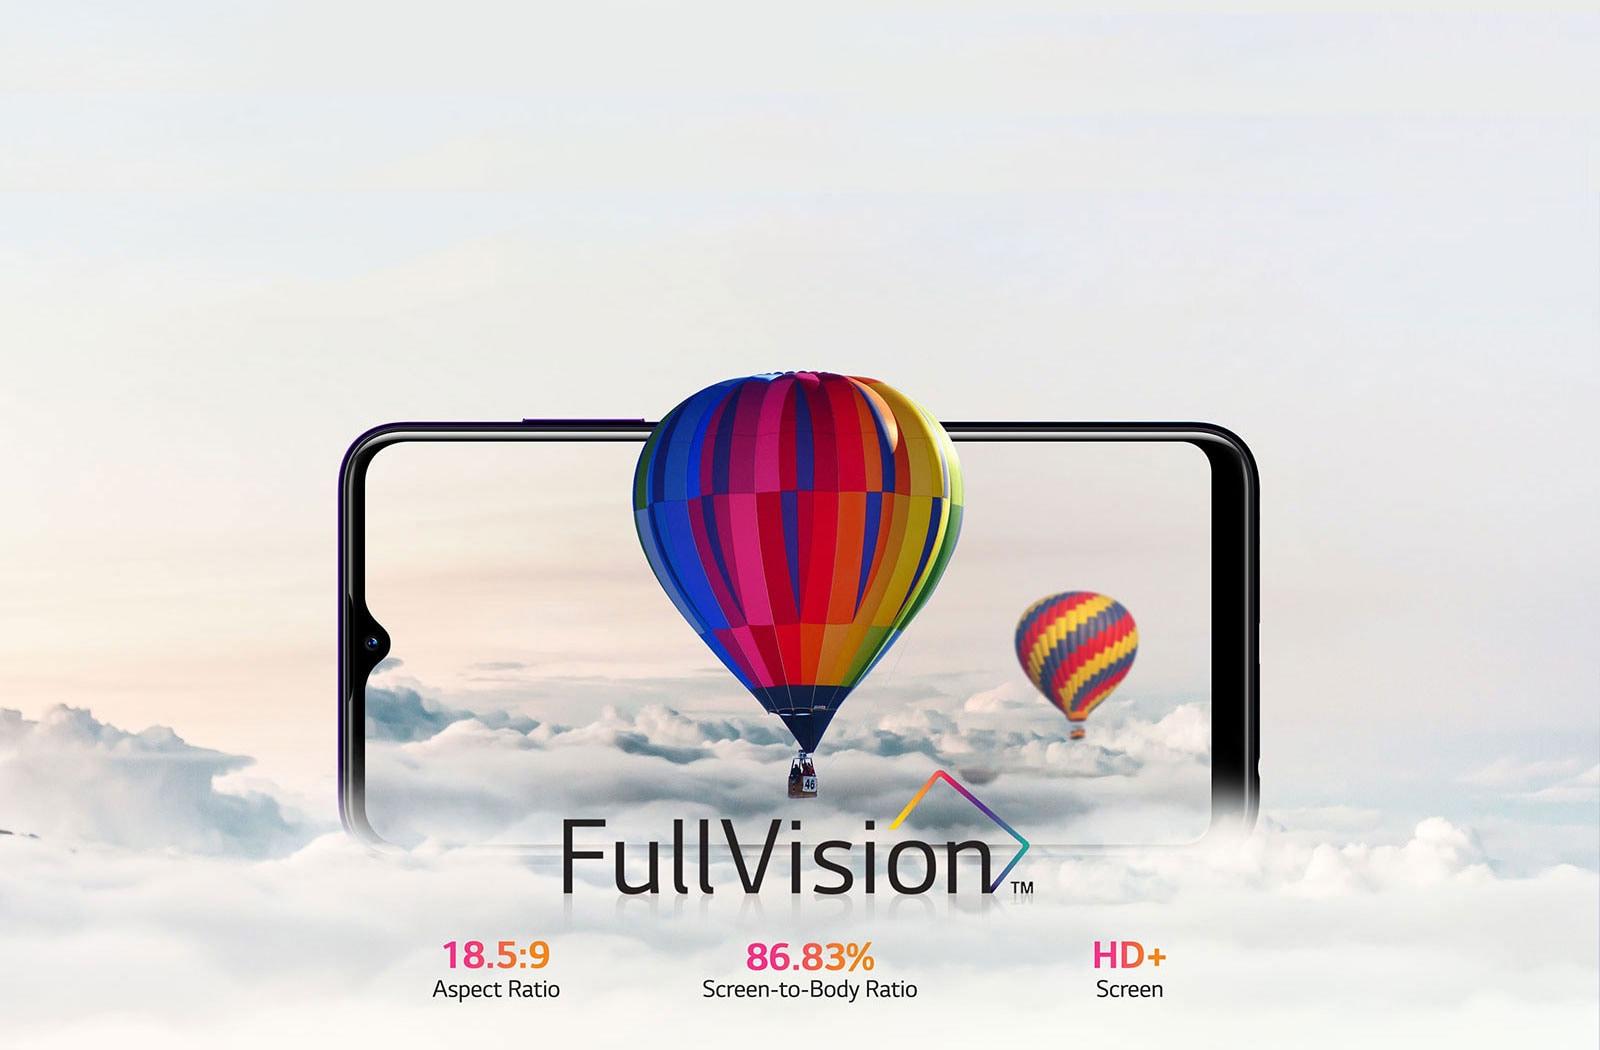 تلفن هوشمند LG W30 Pro با نمایشگر FullVision